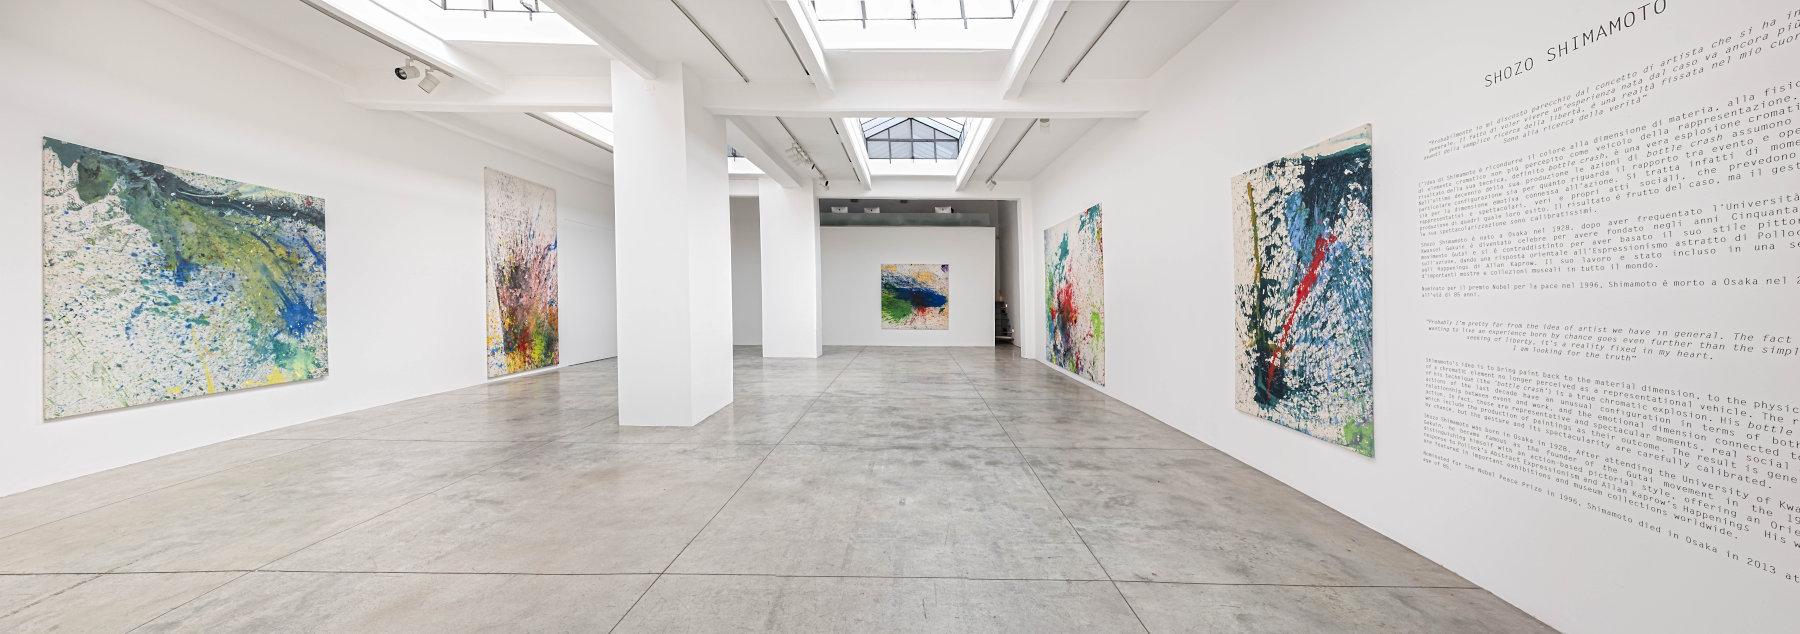 Cardi Gallery Milan Shozo Shimamoto 1